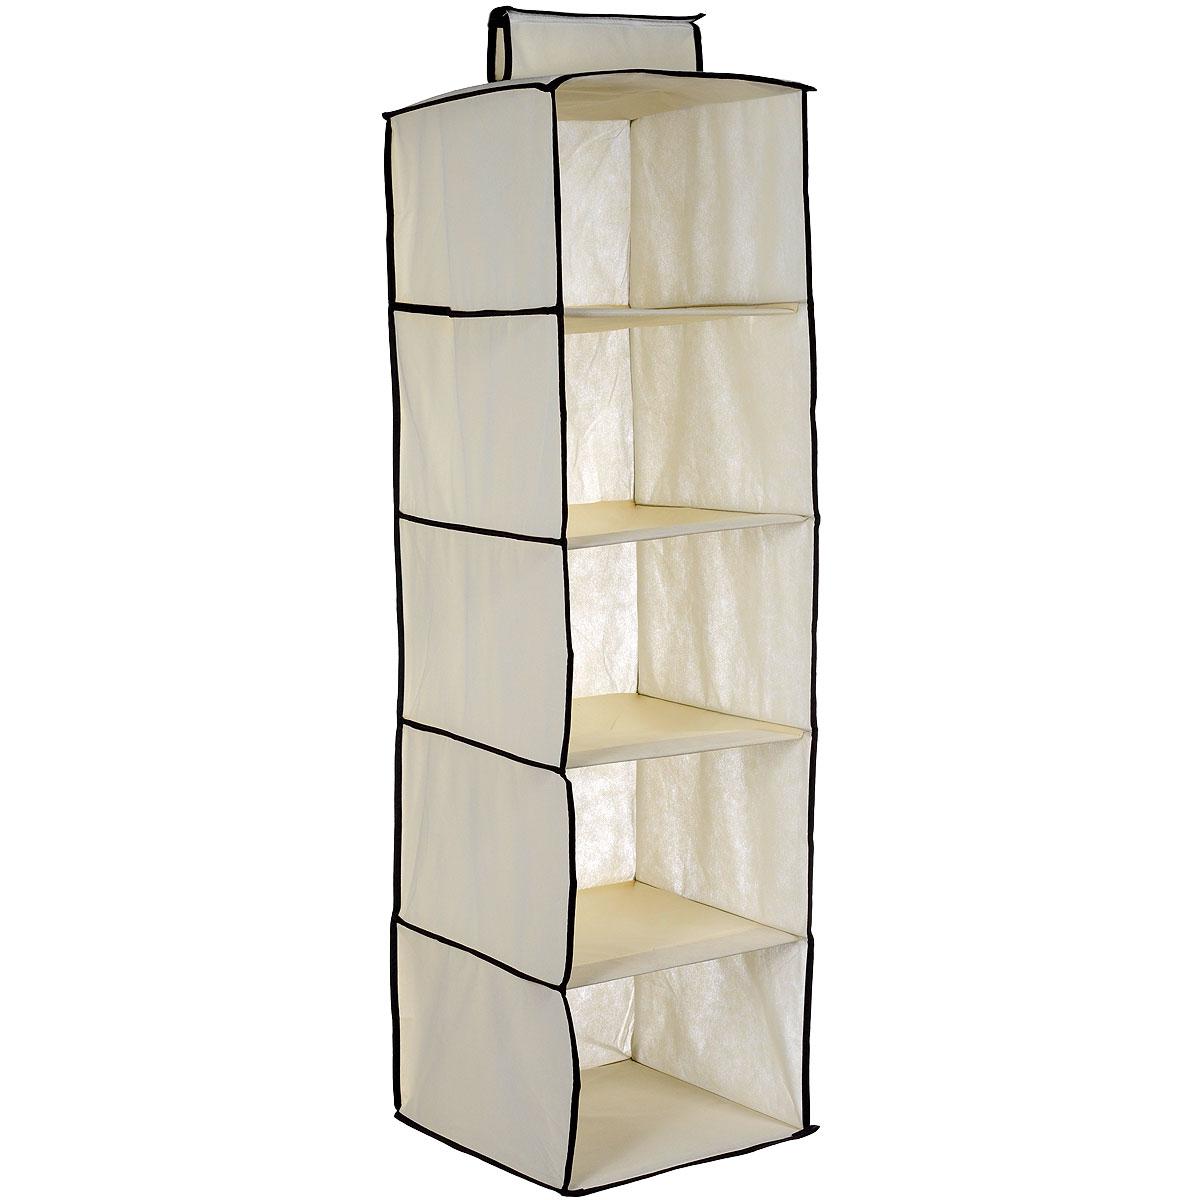 Кофр для хранения вещей House & Holder, подвесной, 5 отделений, 30 х 30 х 110 смML014Кофр для хранения вещей House & Holder поможет аккуратно хранить различные вещи, мелкие аксессуары и т.д. Изделие выполнено из флизелина и картона и имеет 5 отделений. Кофр оснащен ручкой для подвешивания. Кофры для хранения - идеальное решение для аккуратного хранения ваших вещей, обуви и аксессуаров.